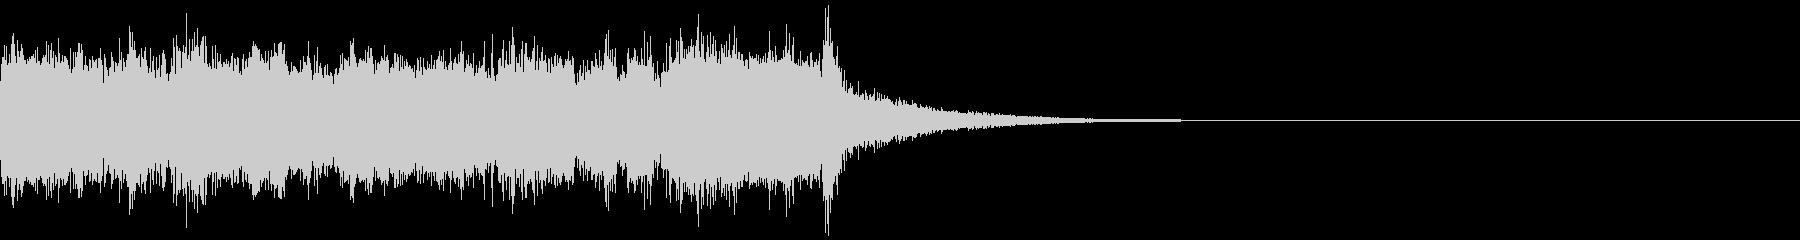 ブラスアンサンブルによるサウンドロゴの未再生の波形